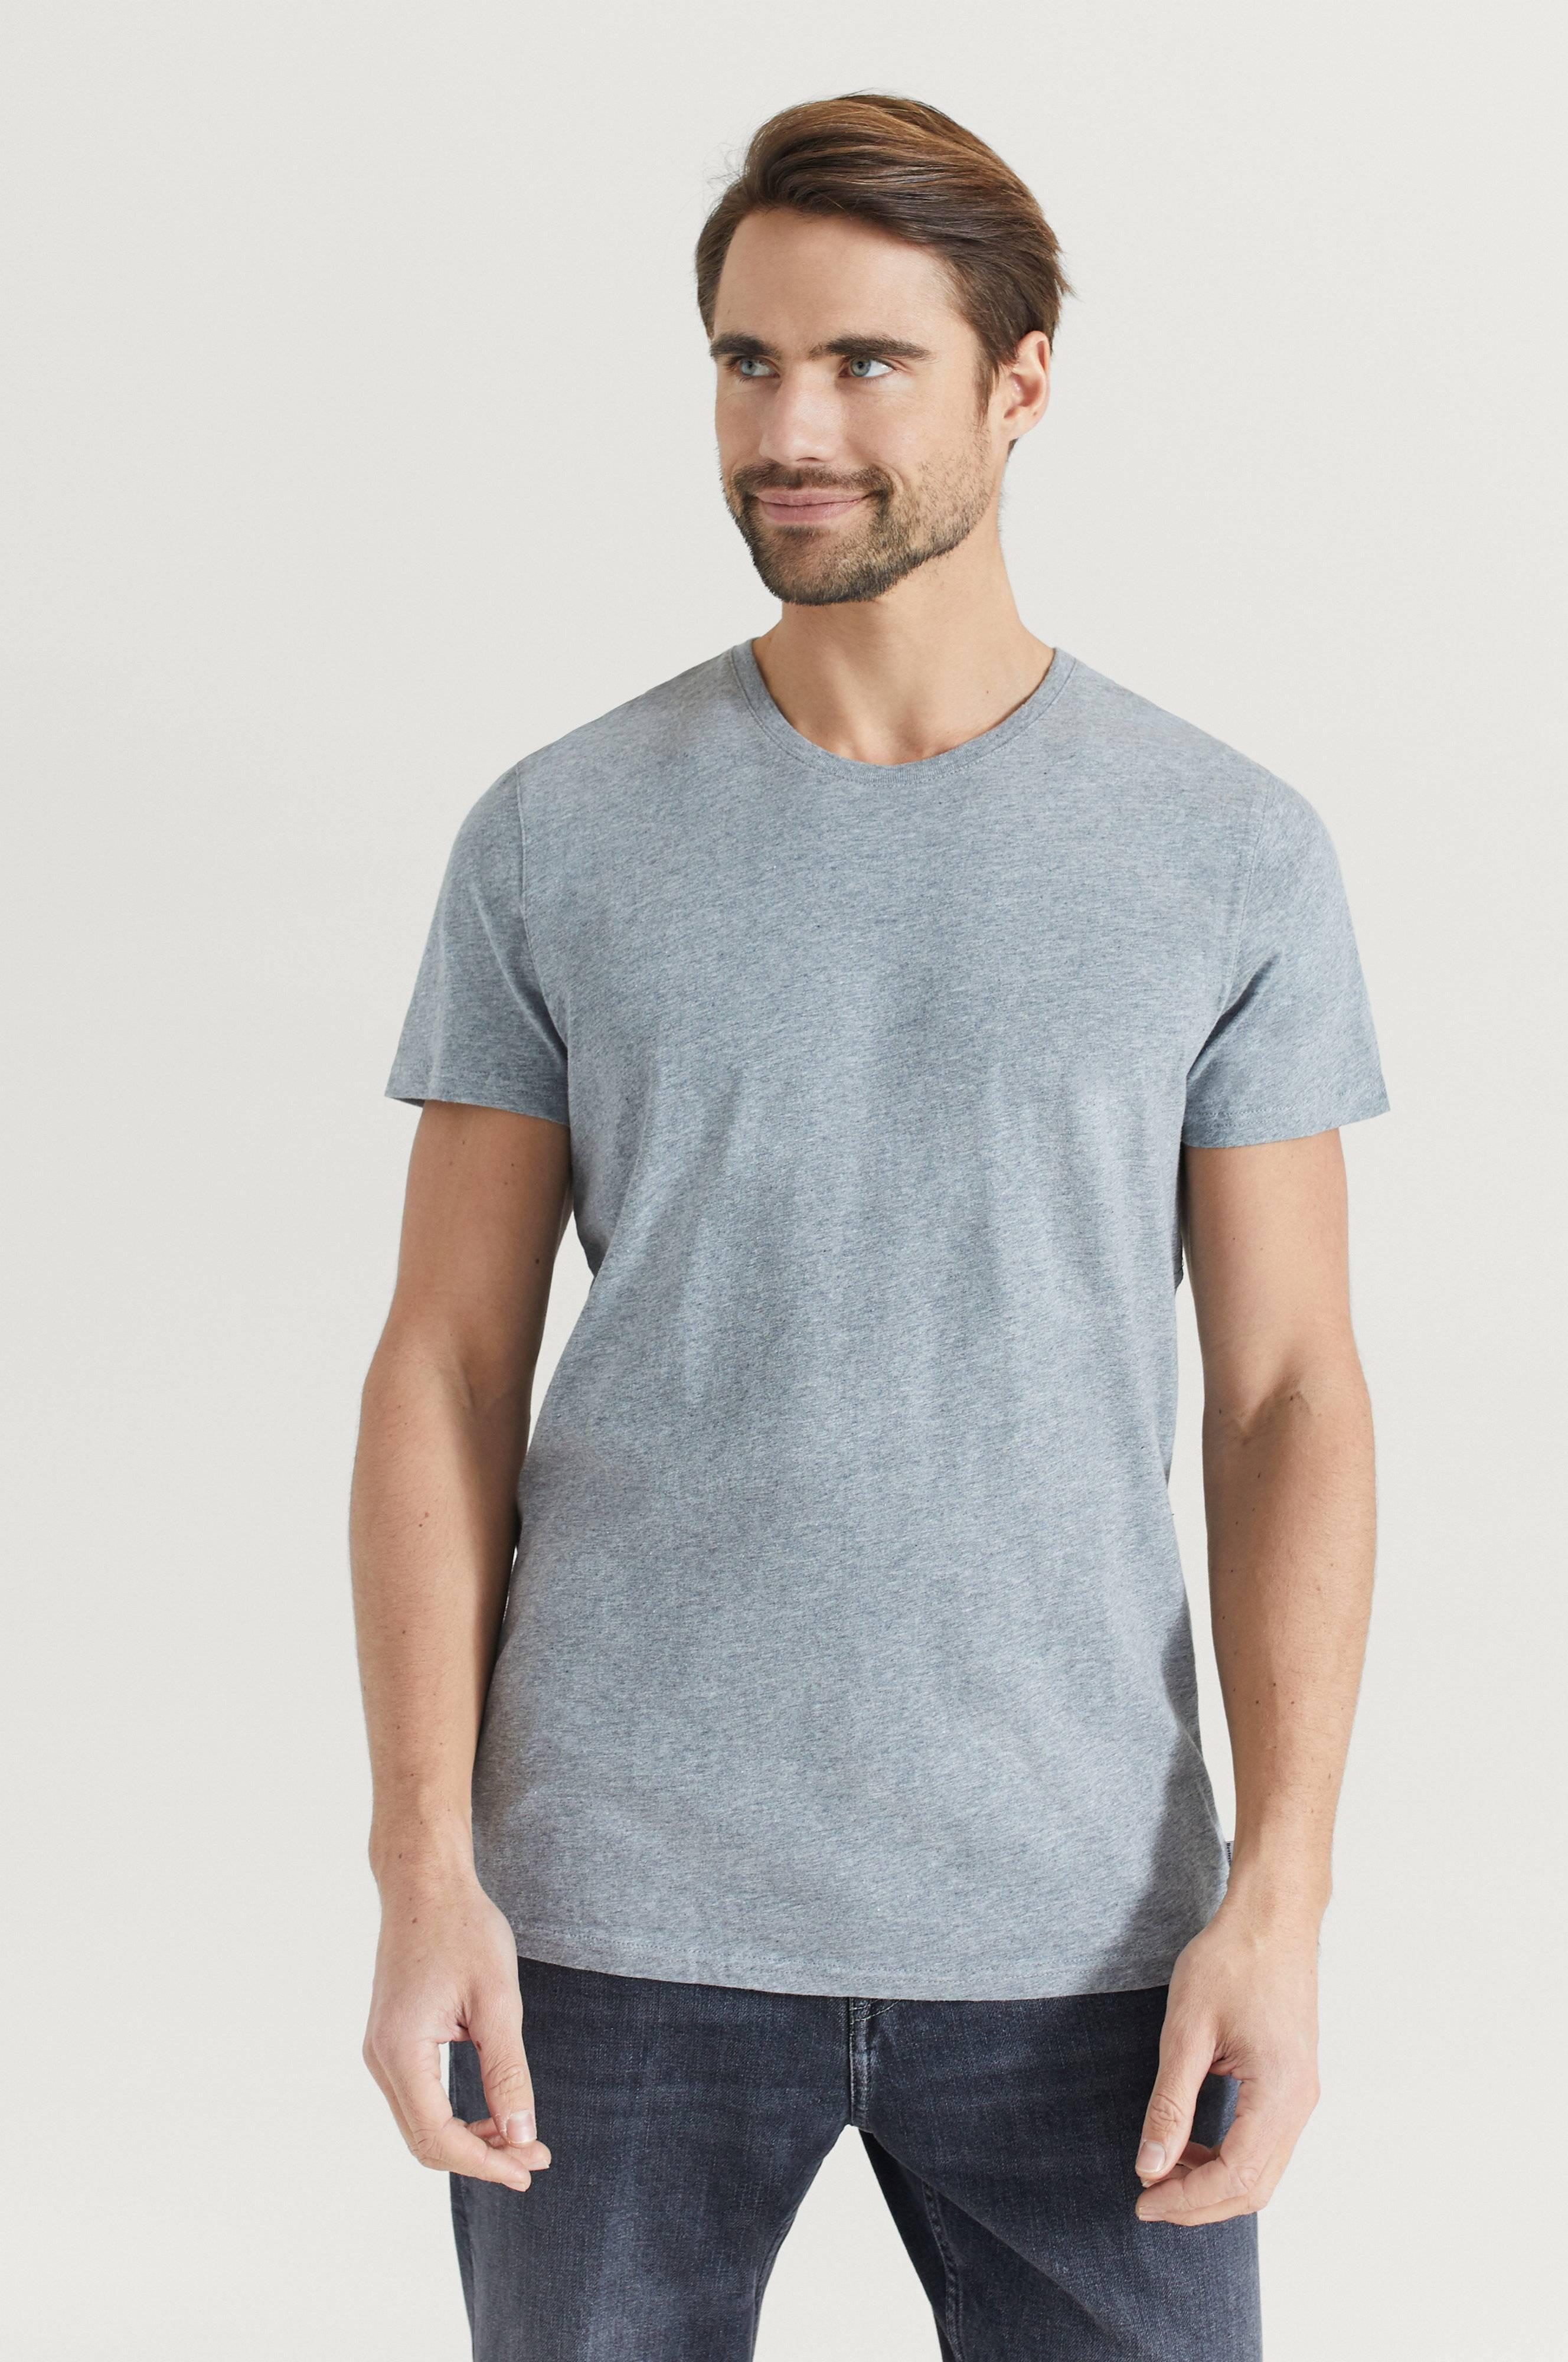 Resteröds T-shirt Original R-neck Tee Grå